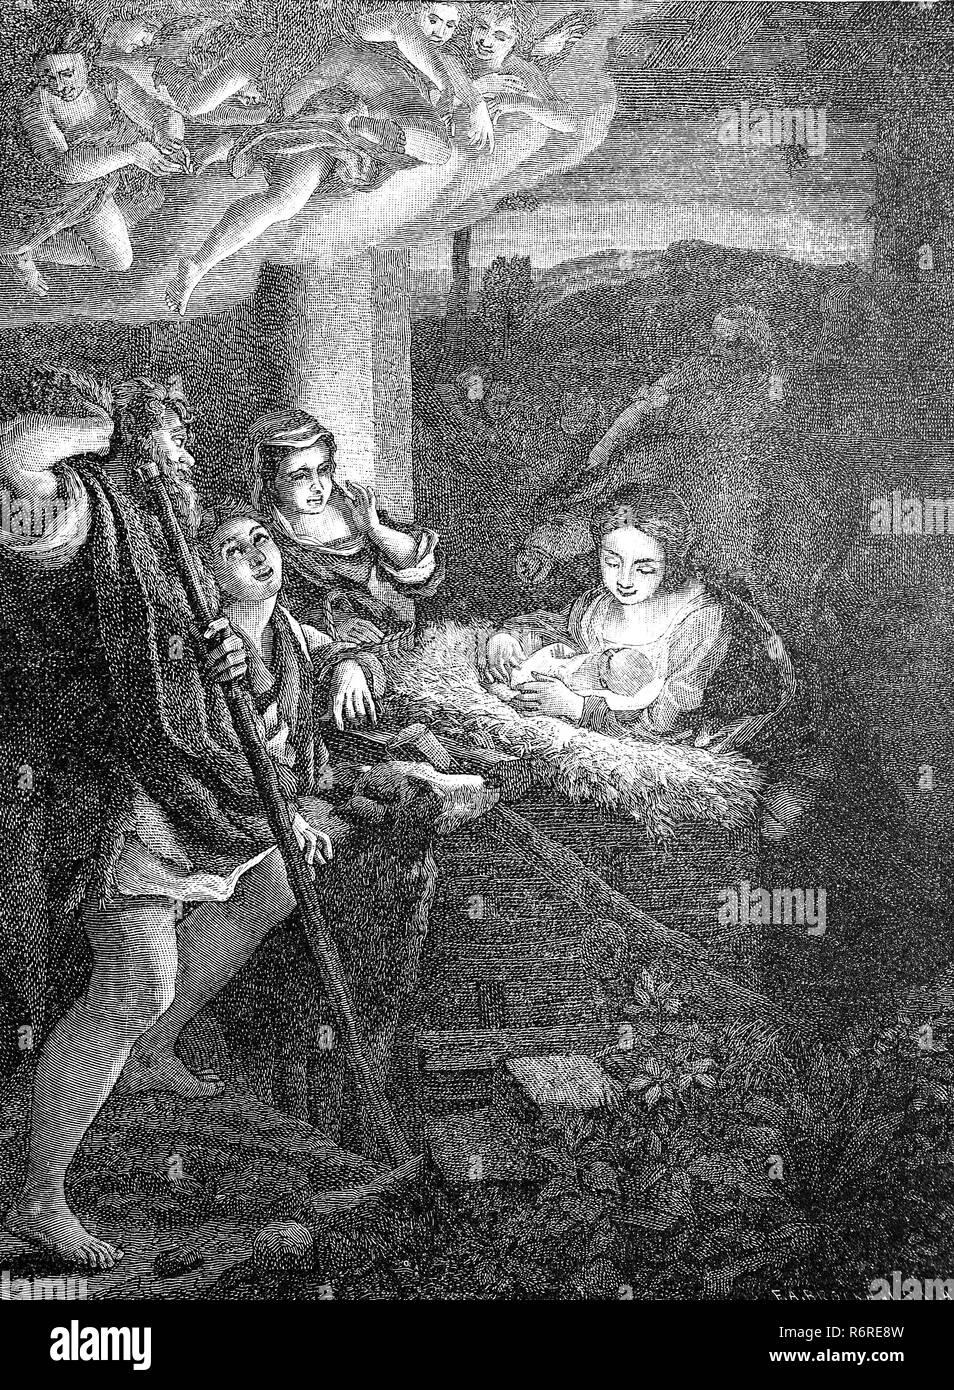 Mejor reproducción digital, la noche santa por Correggio, Die heilige Nacht, von Correggio, 16. Jahrhundert, impresión original del siglo XIX Imagen De Stock